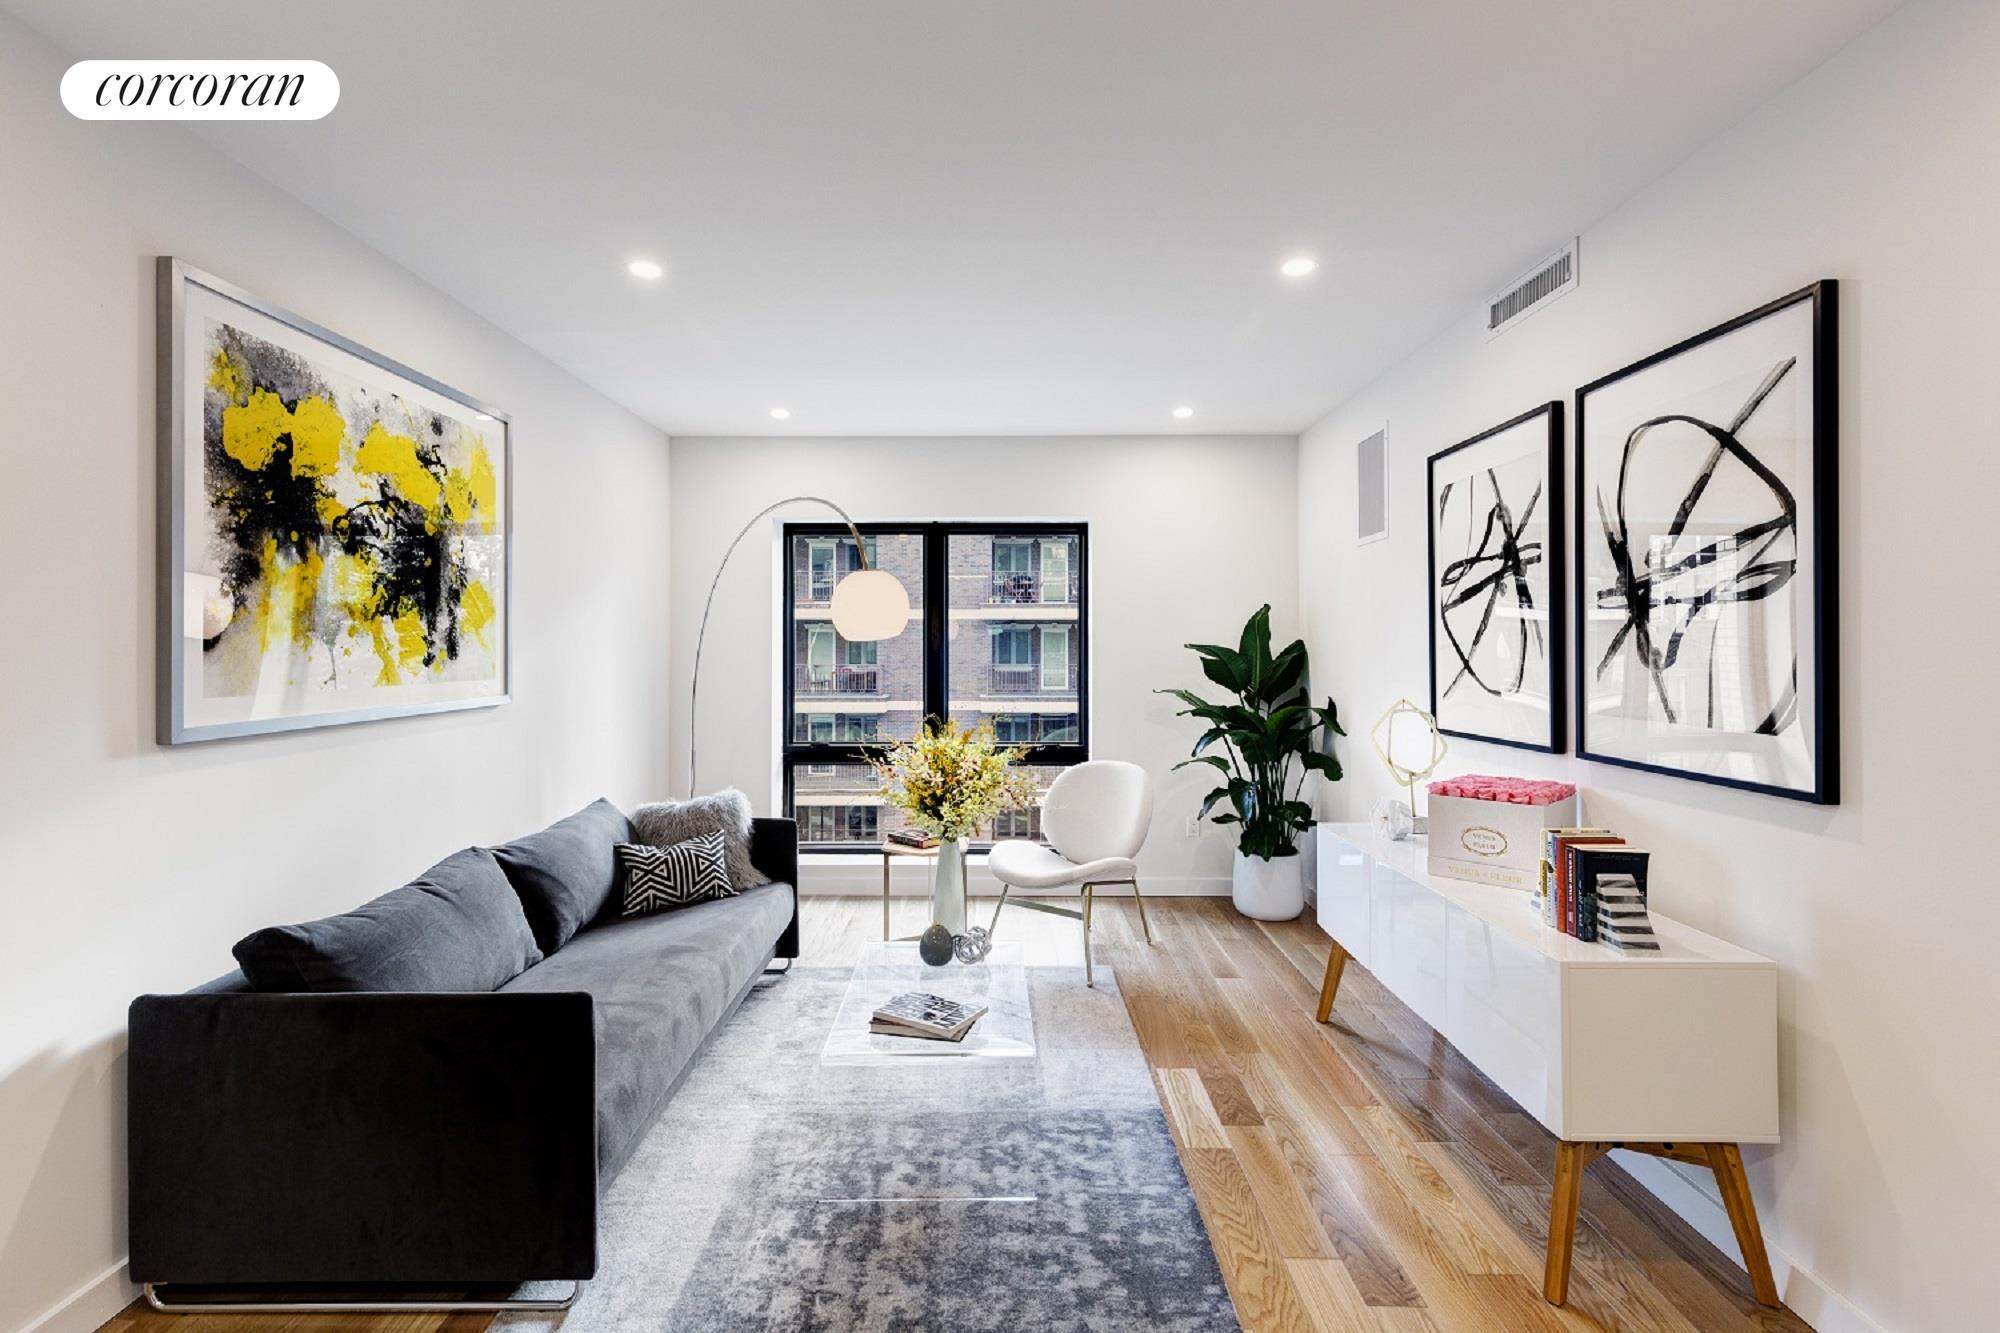 Condominium for Sale at Verona Condominium, 21-17 31st Avenue Ph-E 21-17 31st Avenue Queens, New York 11106 United States